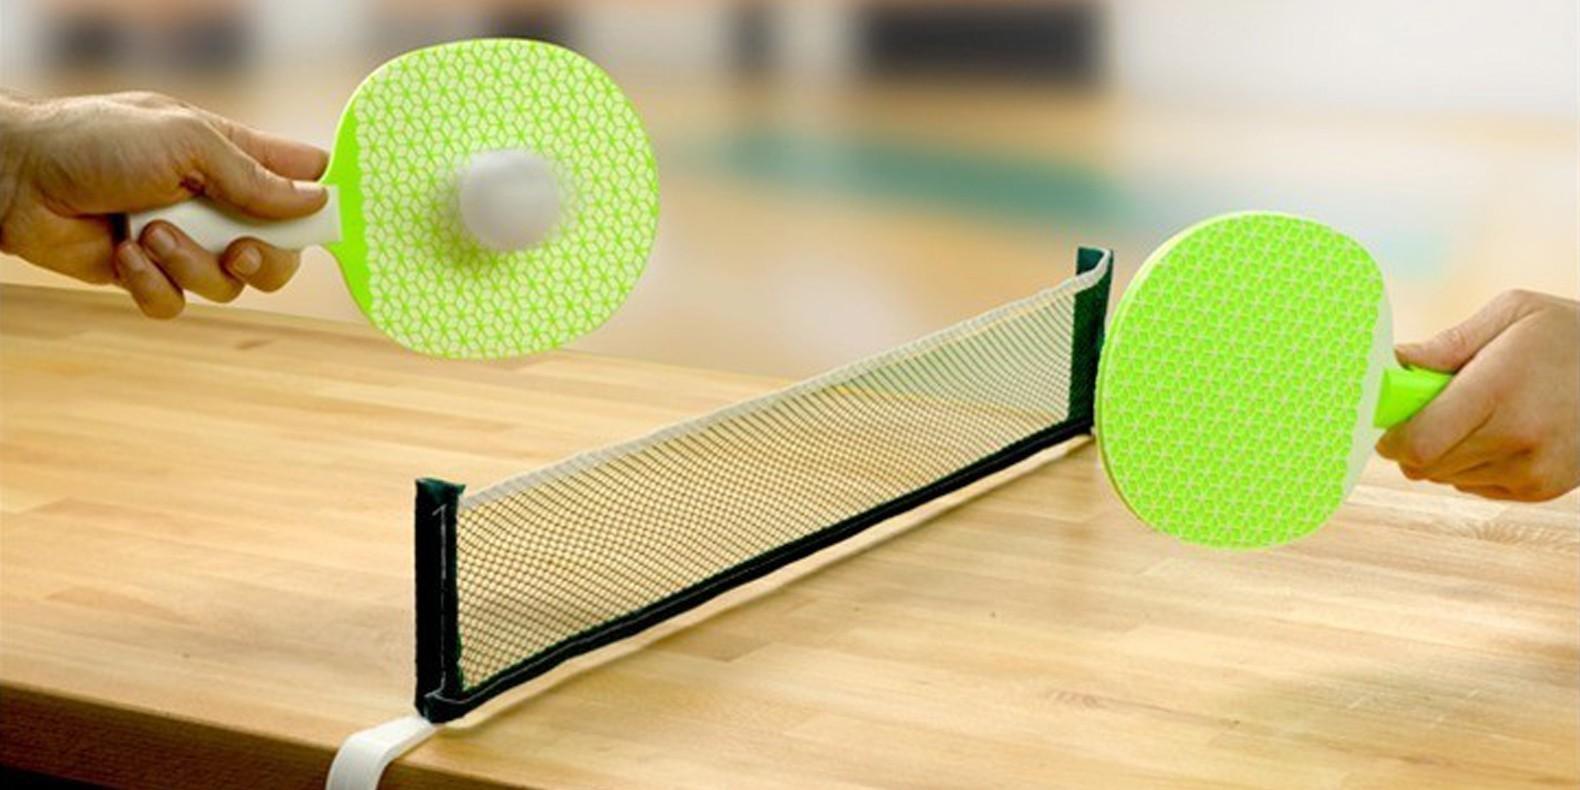 Encuentre aquí una selección de los mejores modelos 3D de artículos de deporte para hacer con una impresora 3D